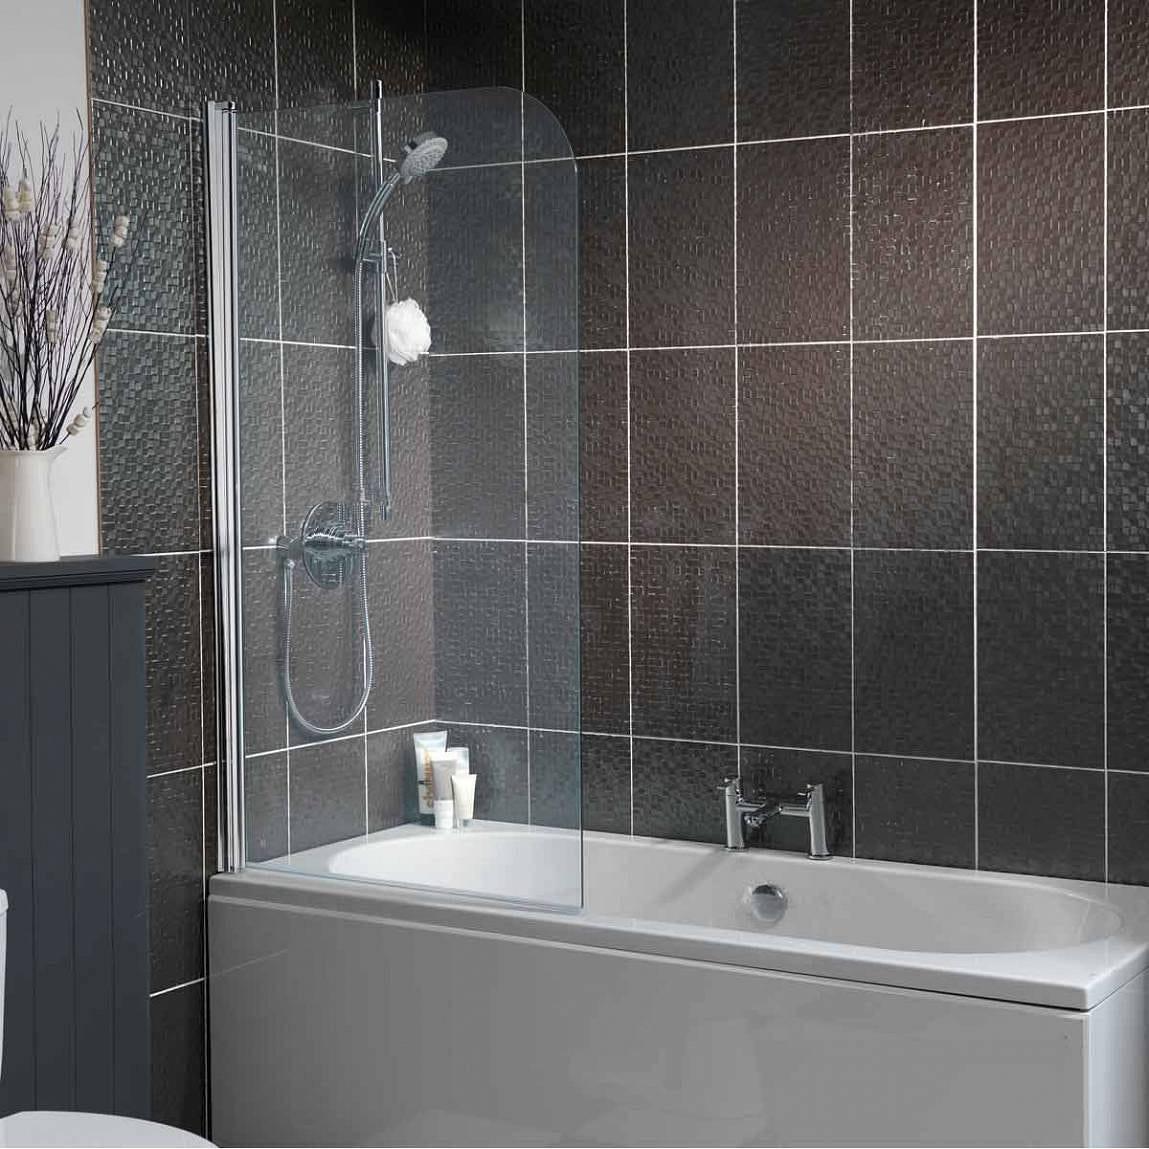 Orchard 6mm straight shower bath screen | VictoriaPlum.com